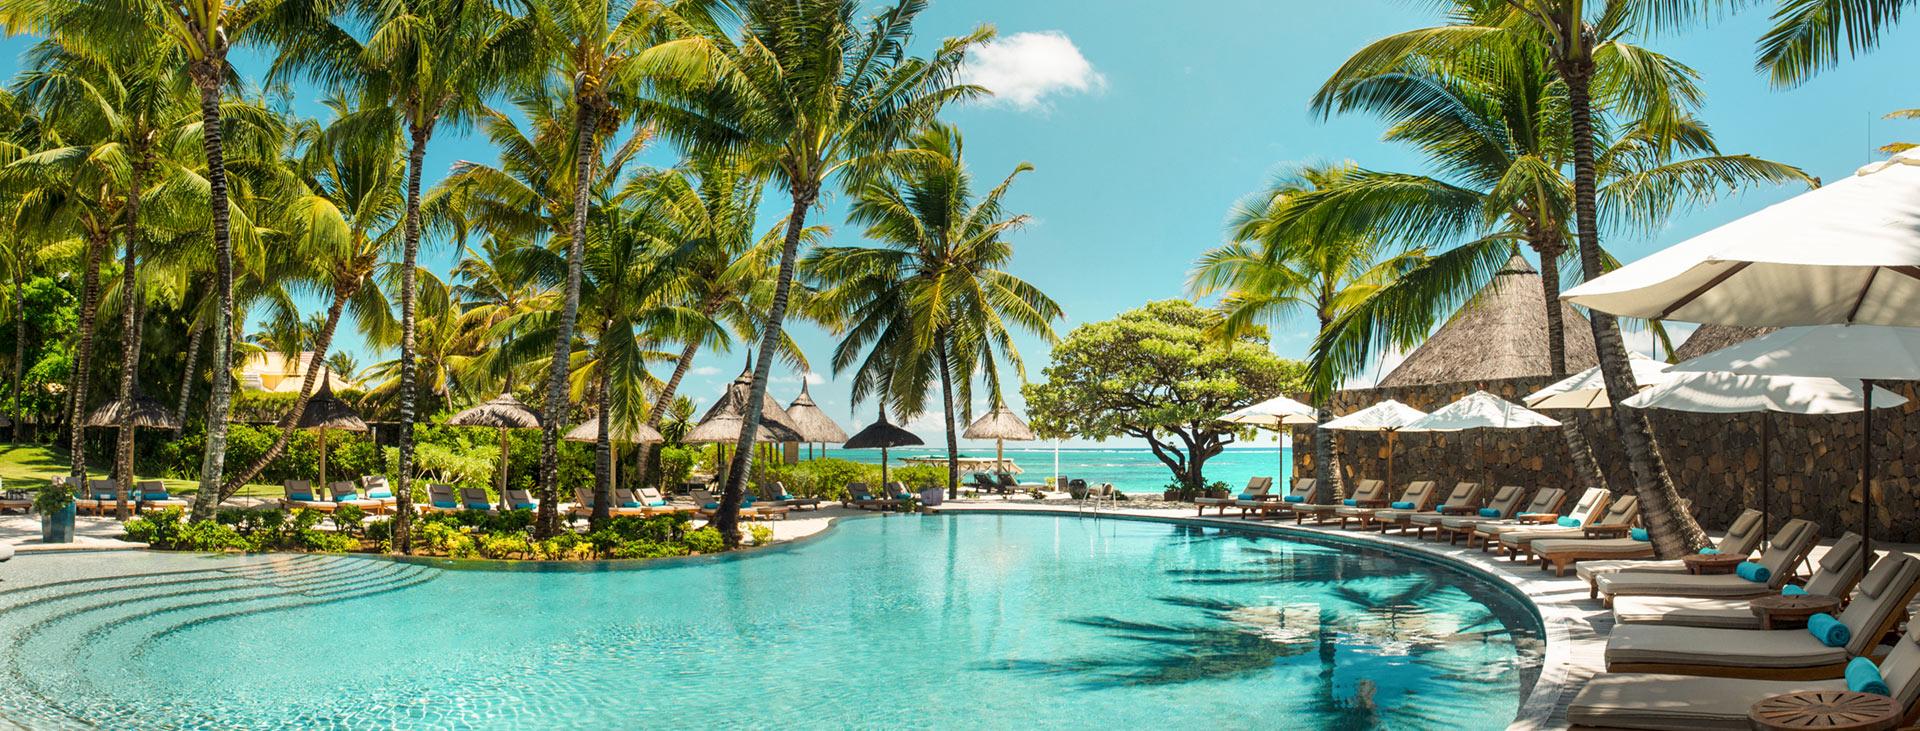 Constance Belle Mare Plage, Mauritius, Mauritius